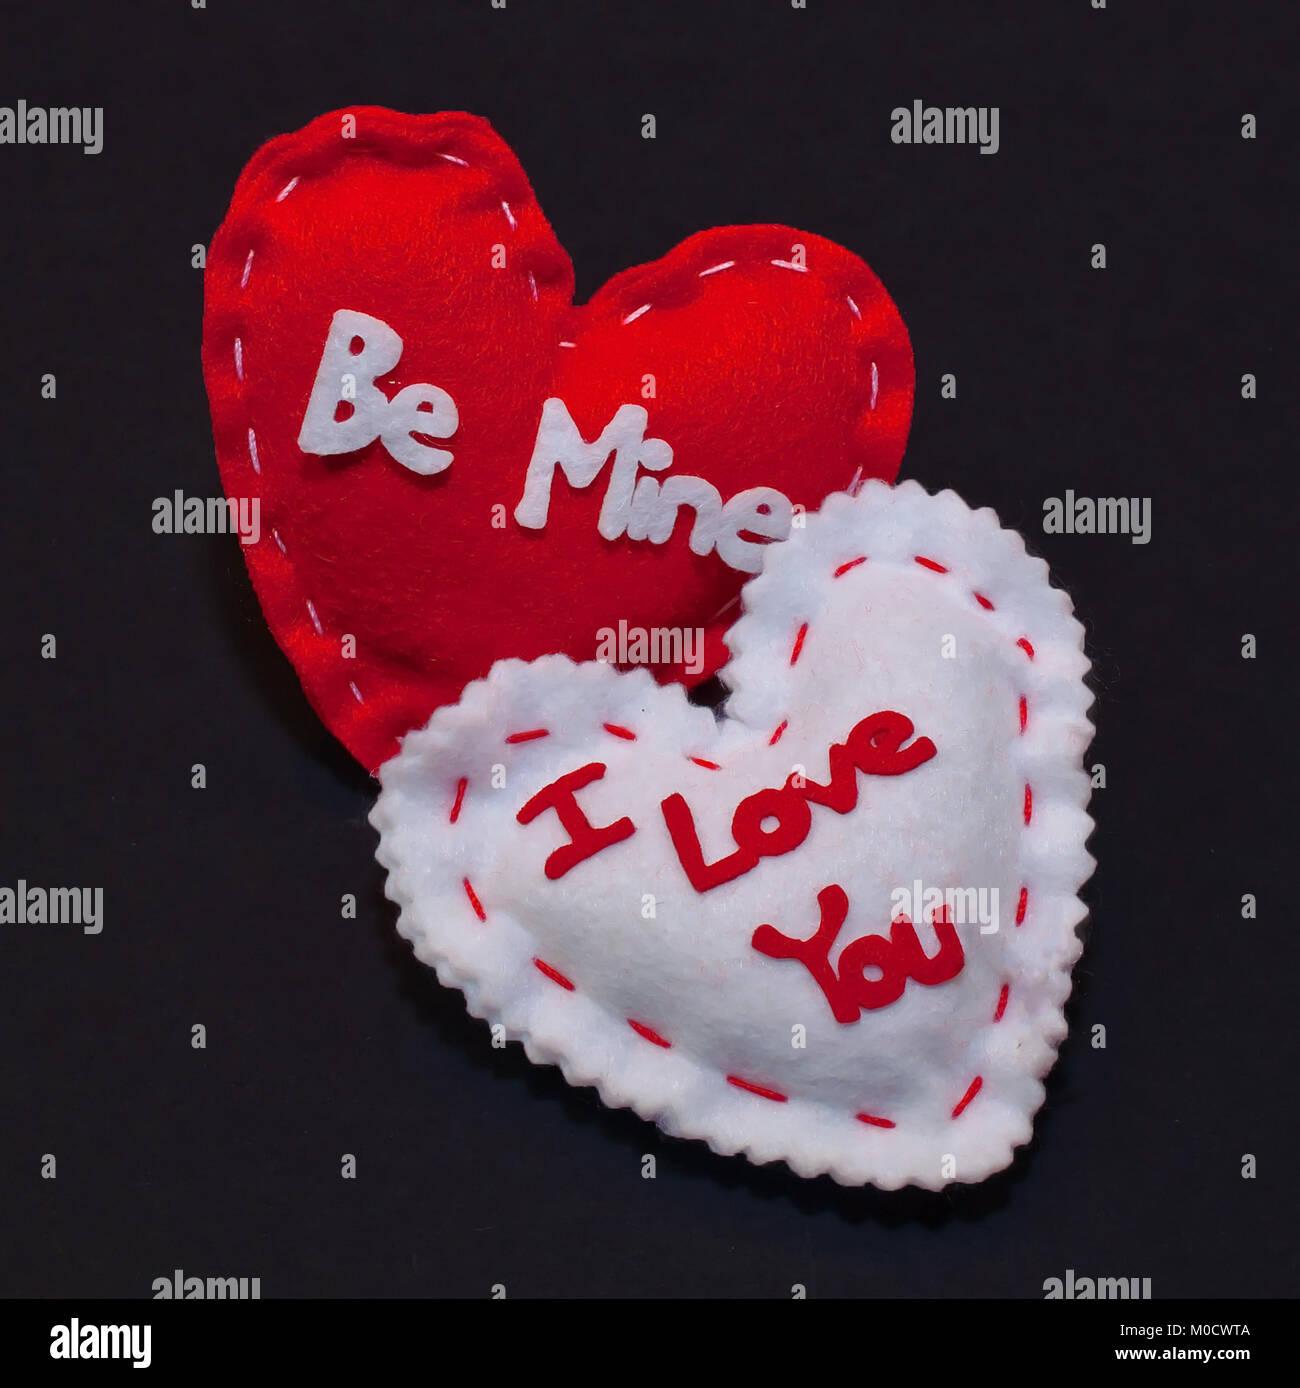 deux coeurs  rouge et blanc sur fond noir  le coeur rouge a  u0026 39  u00eatre mine u0026 39   u00e9crit dessus et le blanc